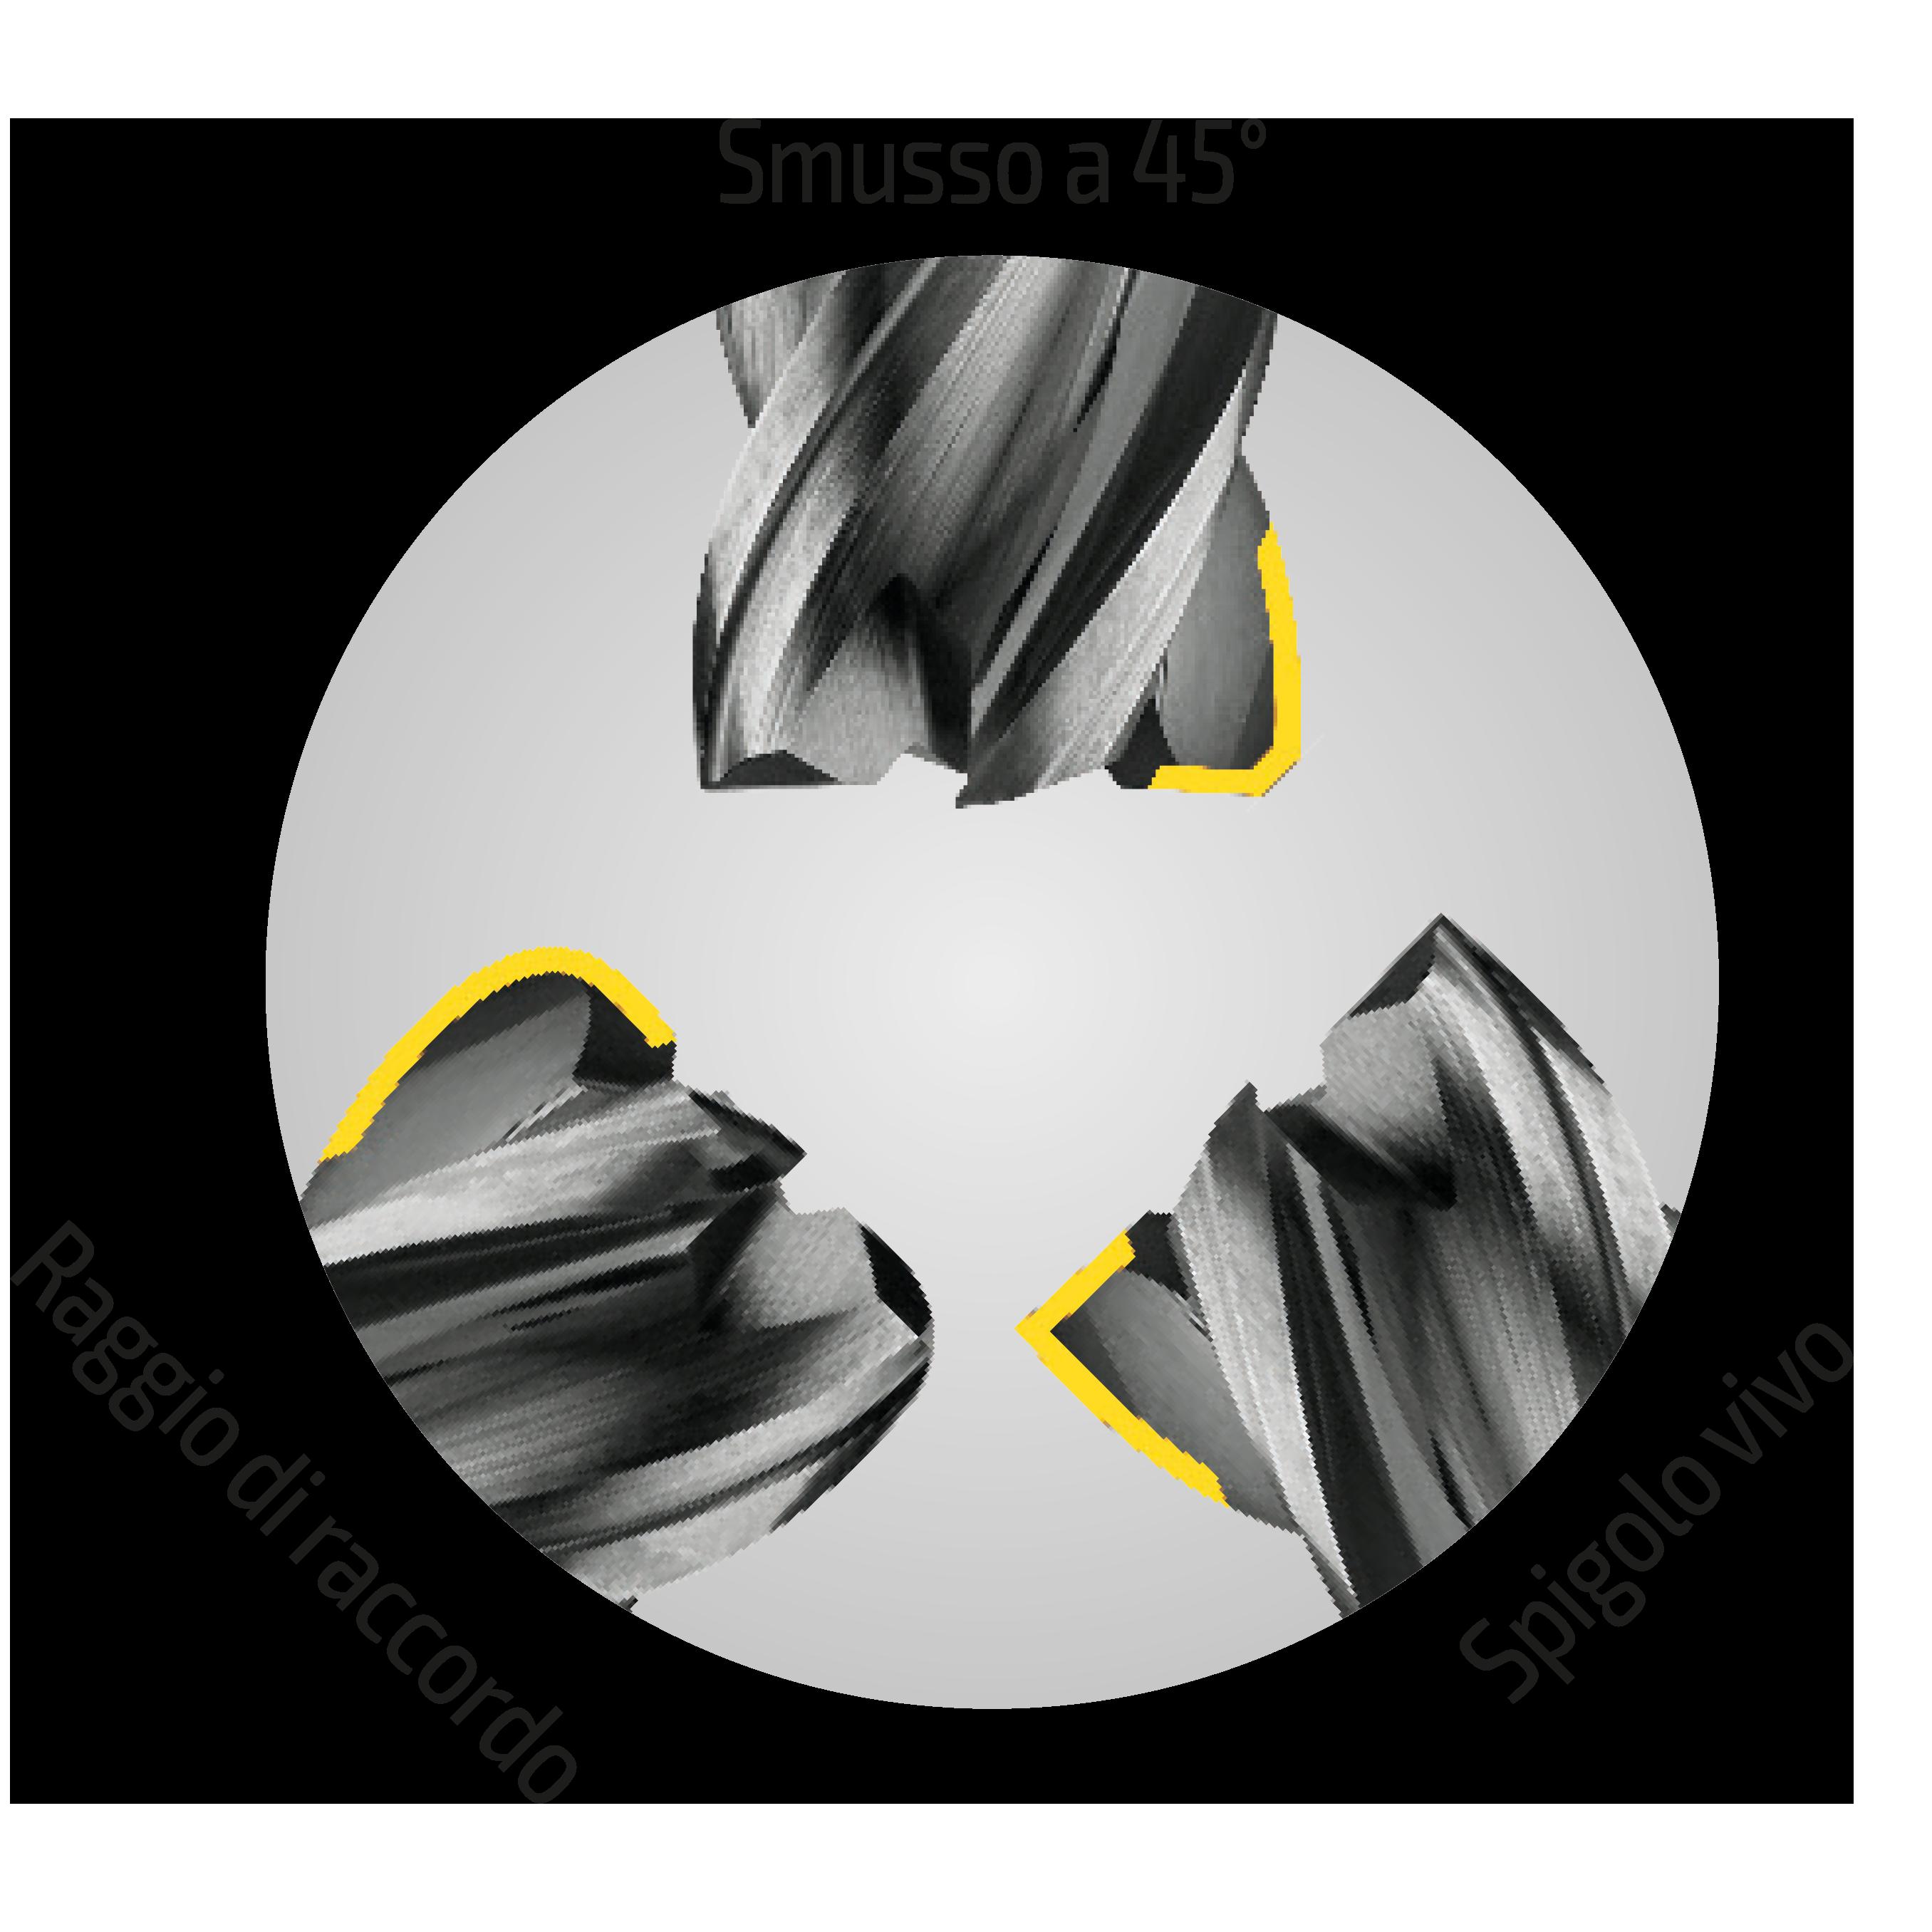 Differenti affilature frontali  per un range di applicazioni  ad ampio spettro